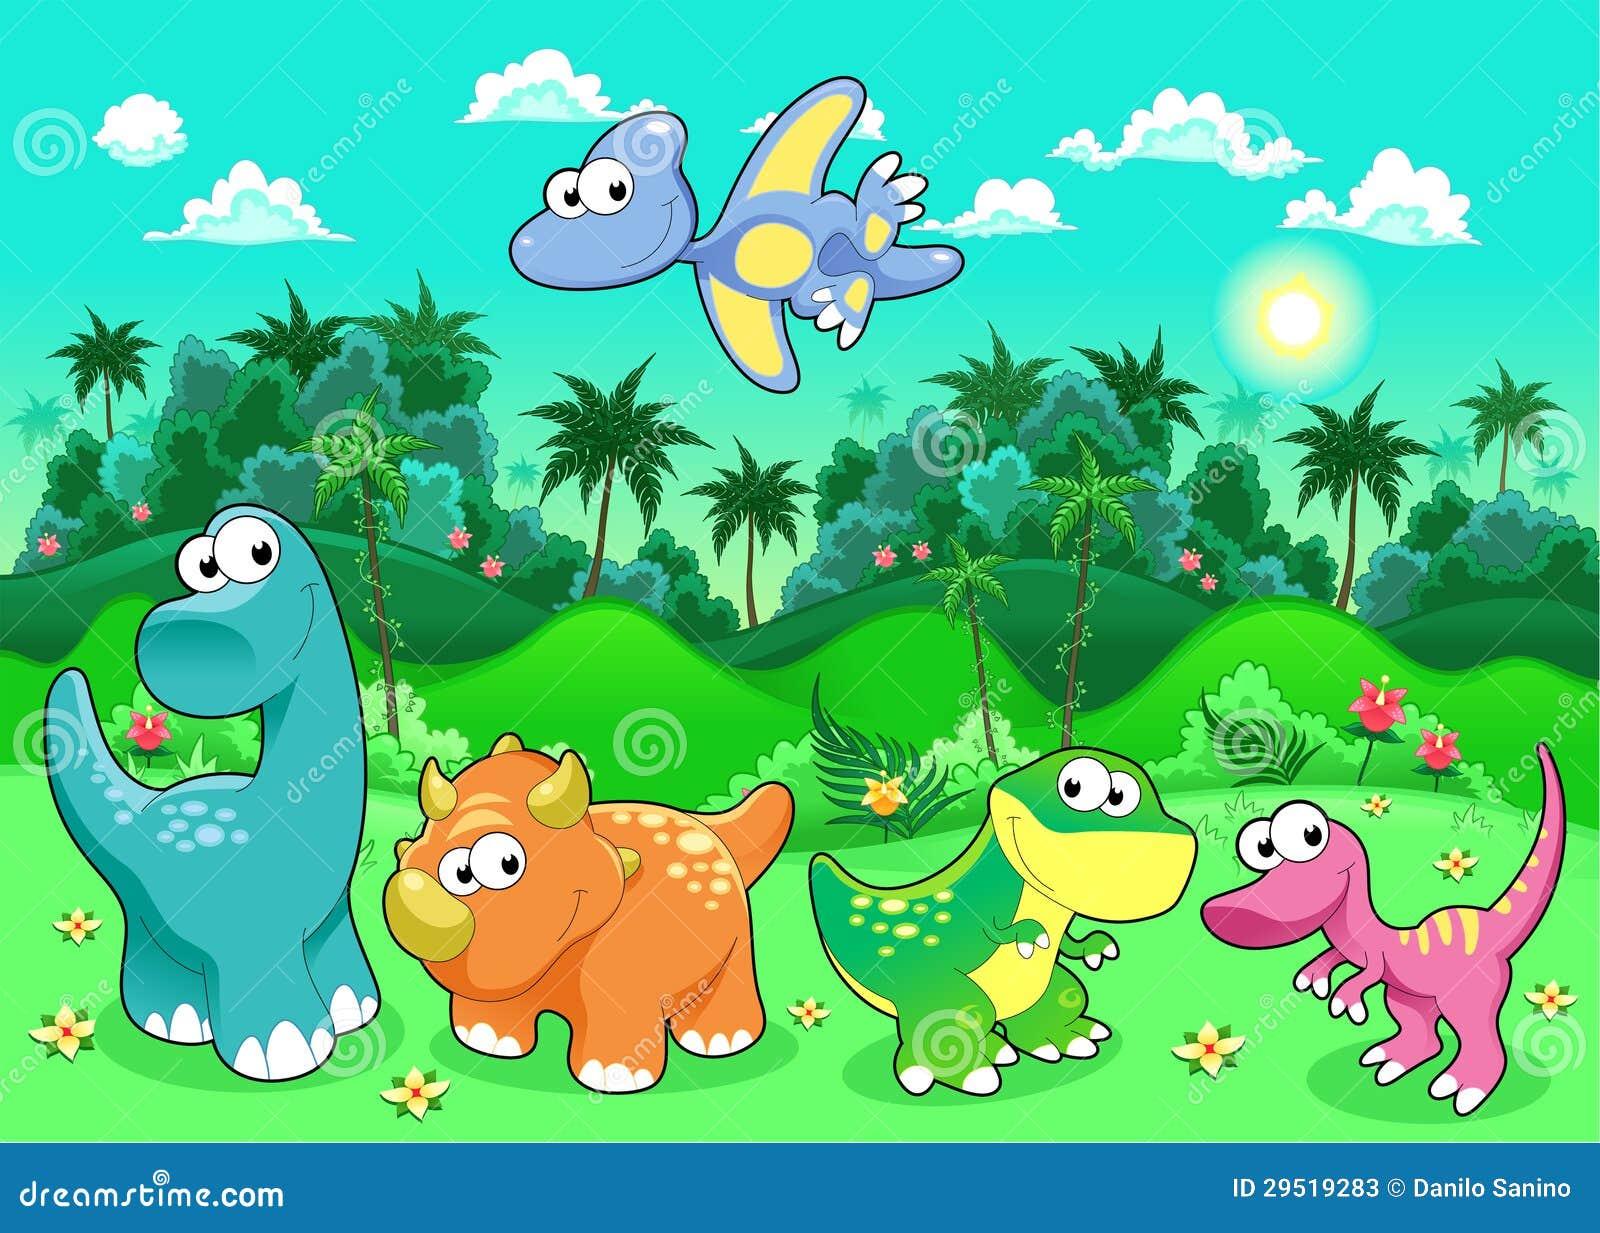 Dinosaurios divertidos en el bosque ilustraci n del vector ilustraci n de c mico ilustraci n - Paperboy dinosaur wallpaper ...